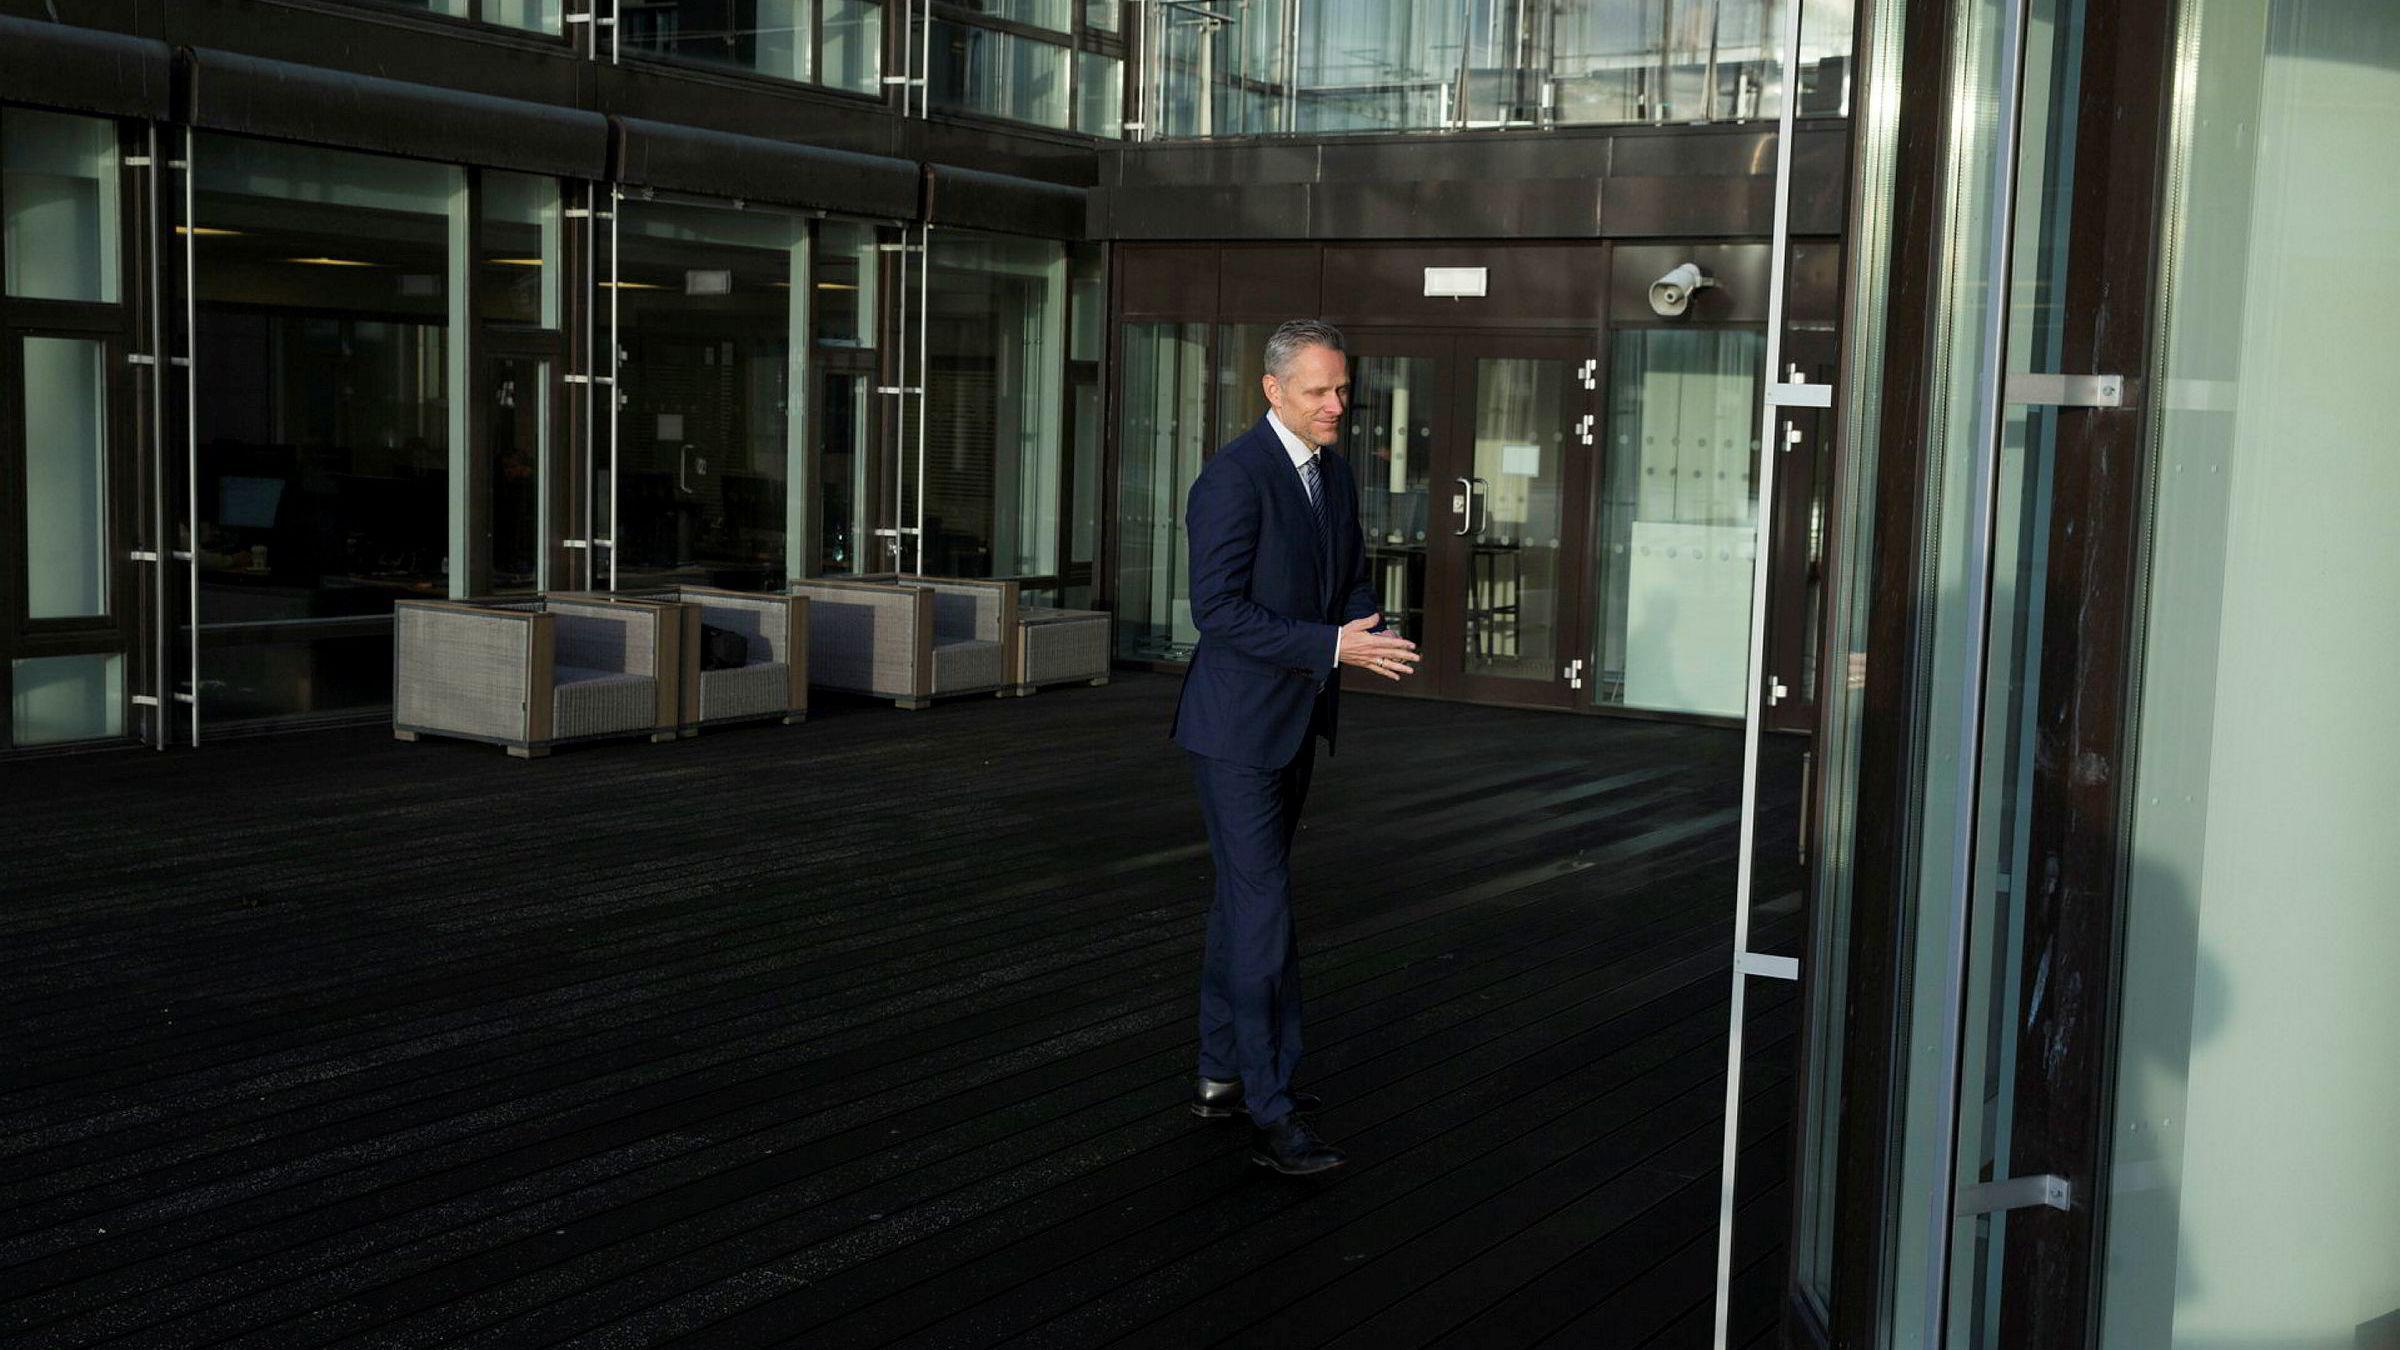 Sjefstrateg i Danske Bank, Christian Lie, ser flere positive tegn i markedene nå. Men han er likevel ikke sikker på om bunnen er nådd.